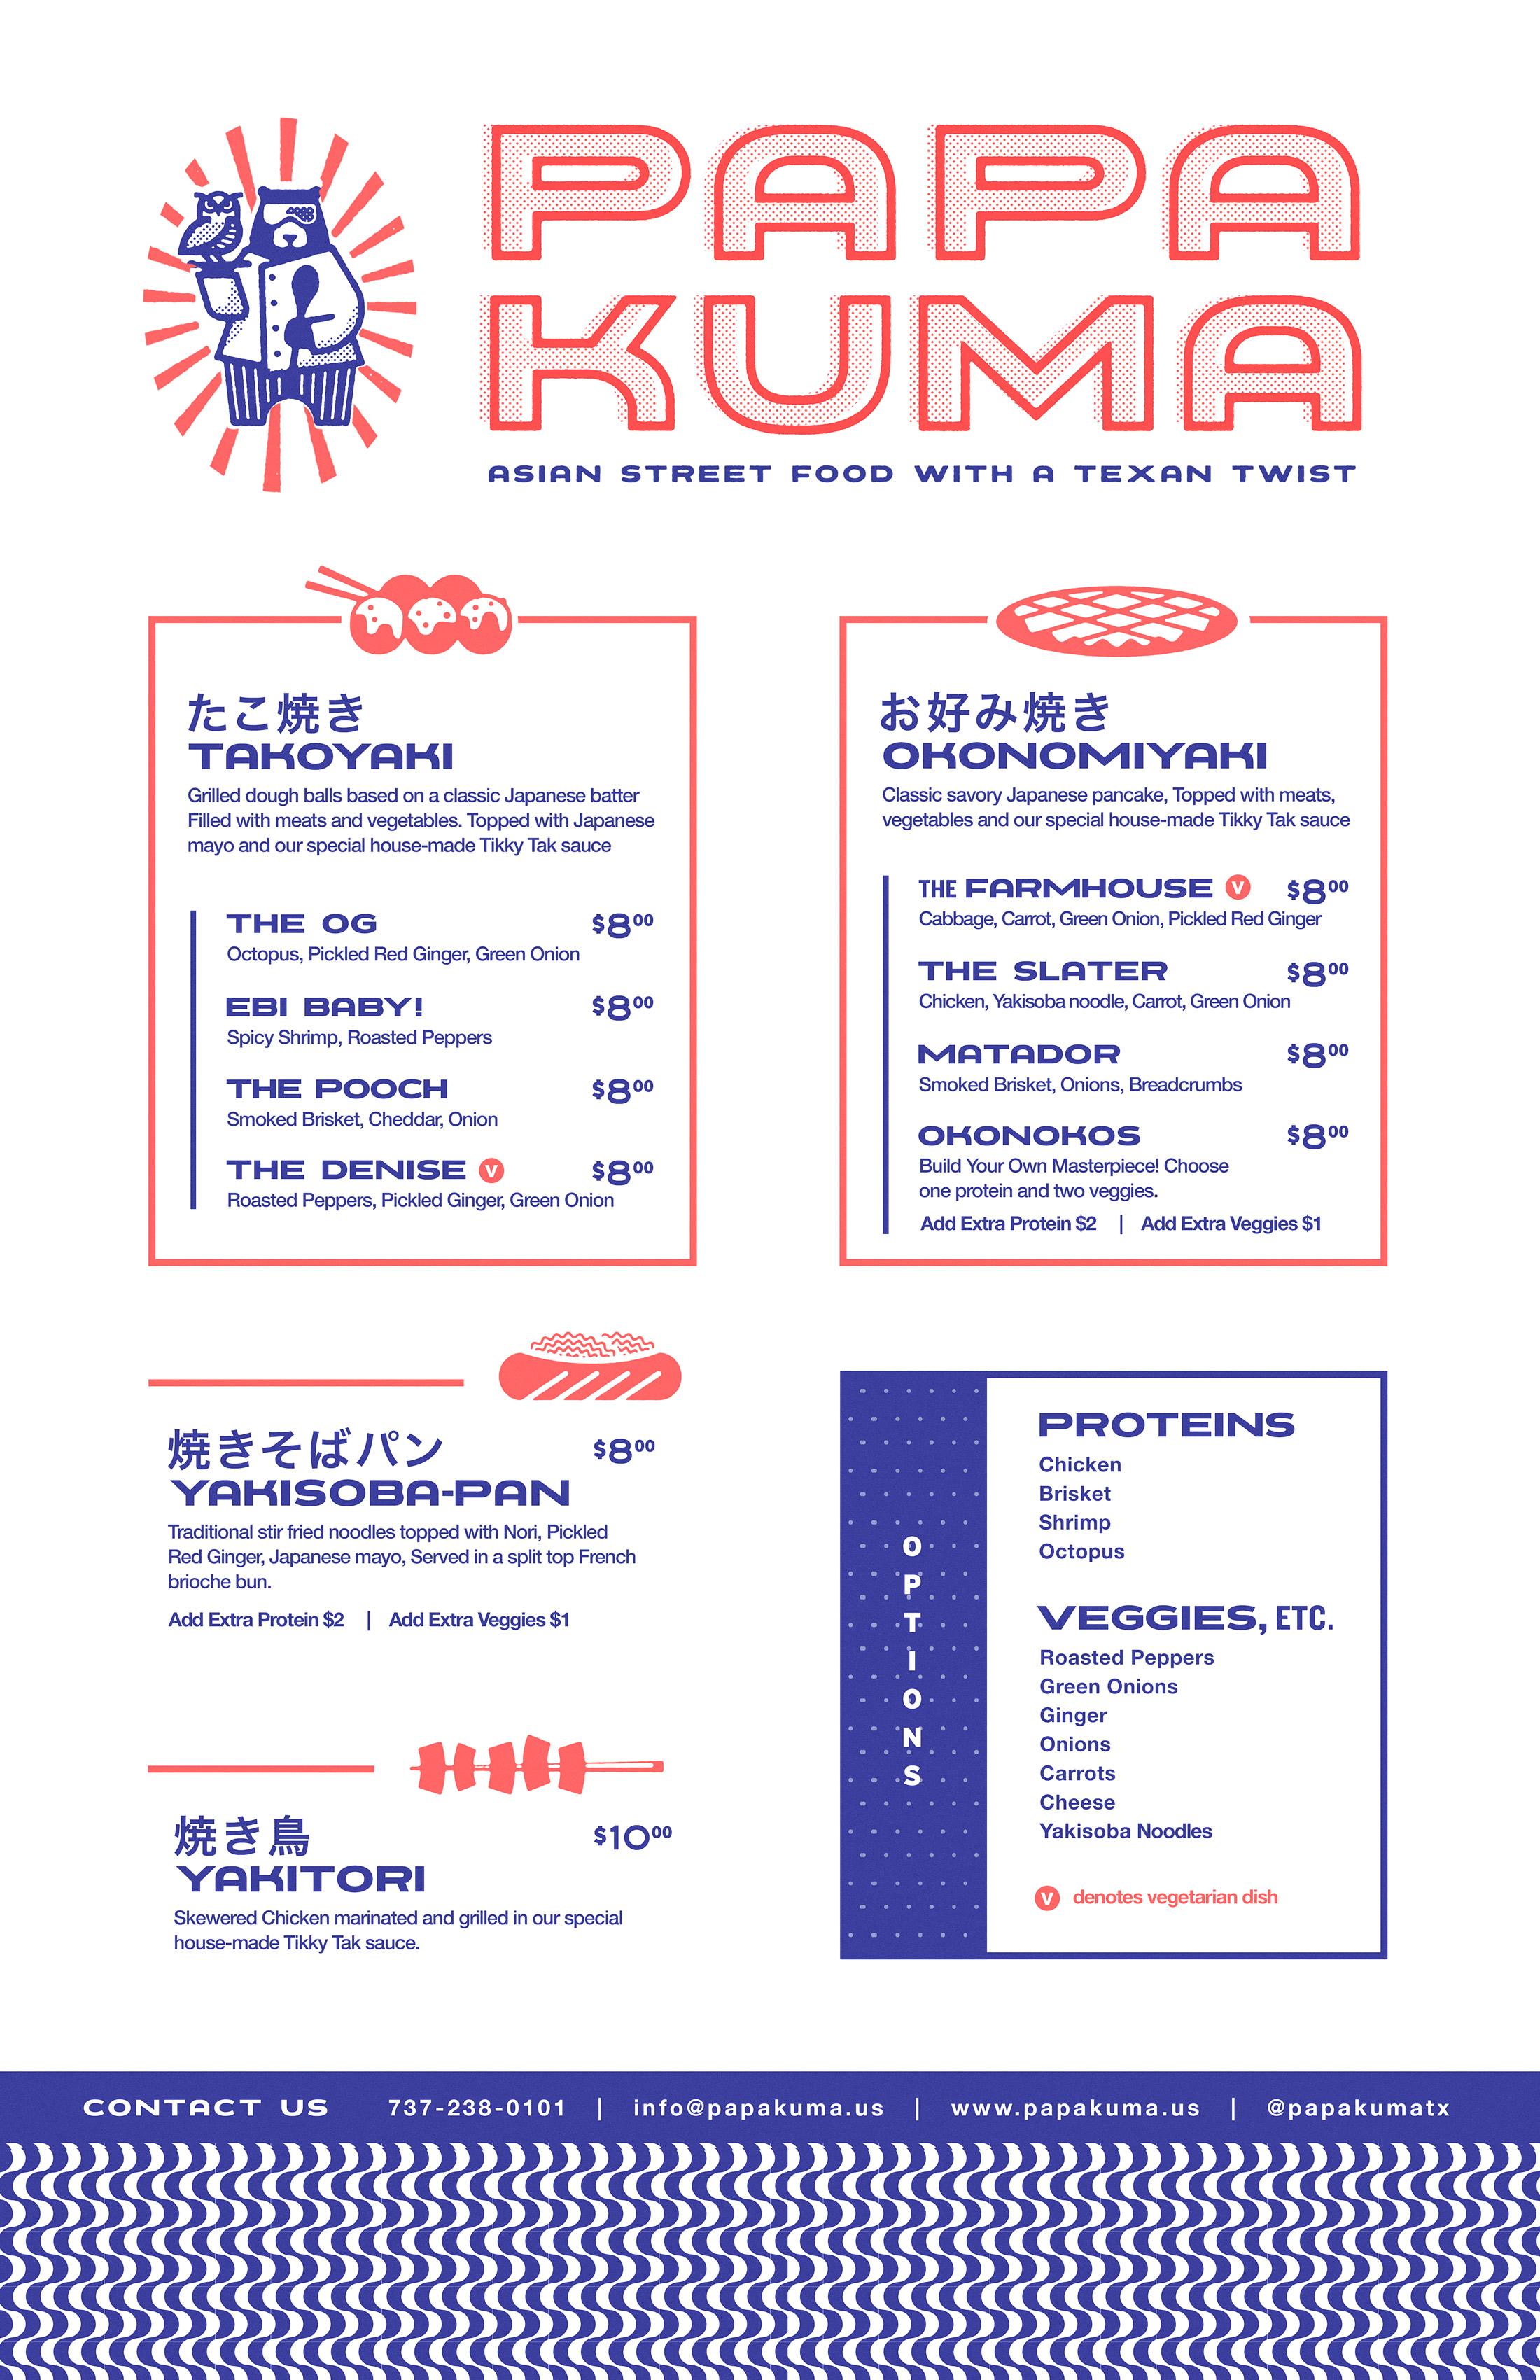 PapaKuma-menu-11x17-v1 (1).jpg